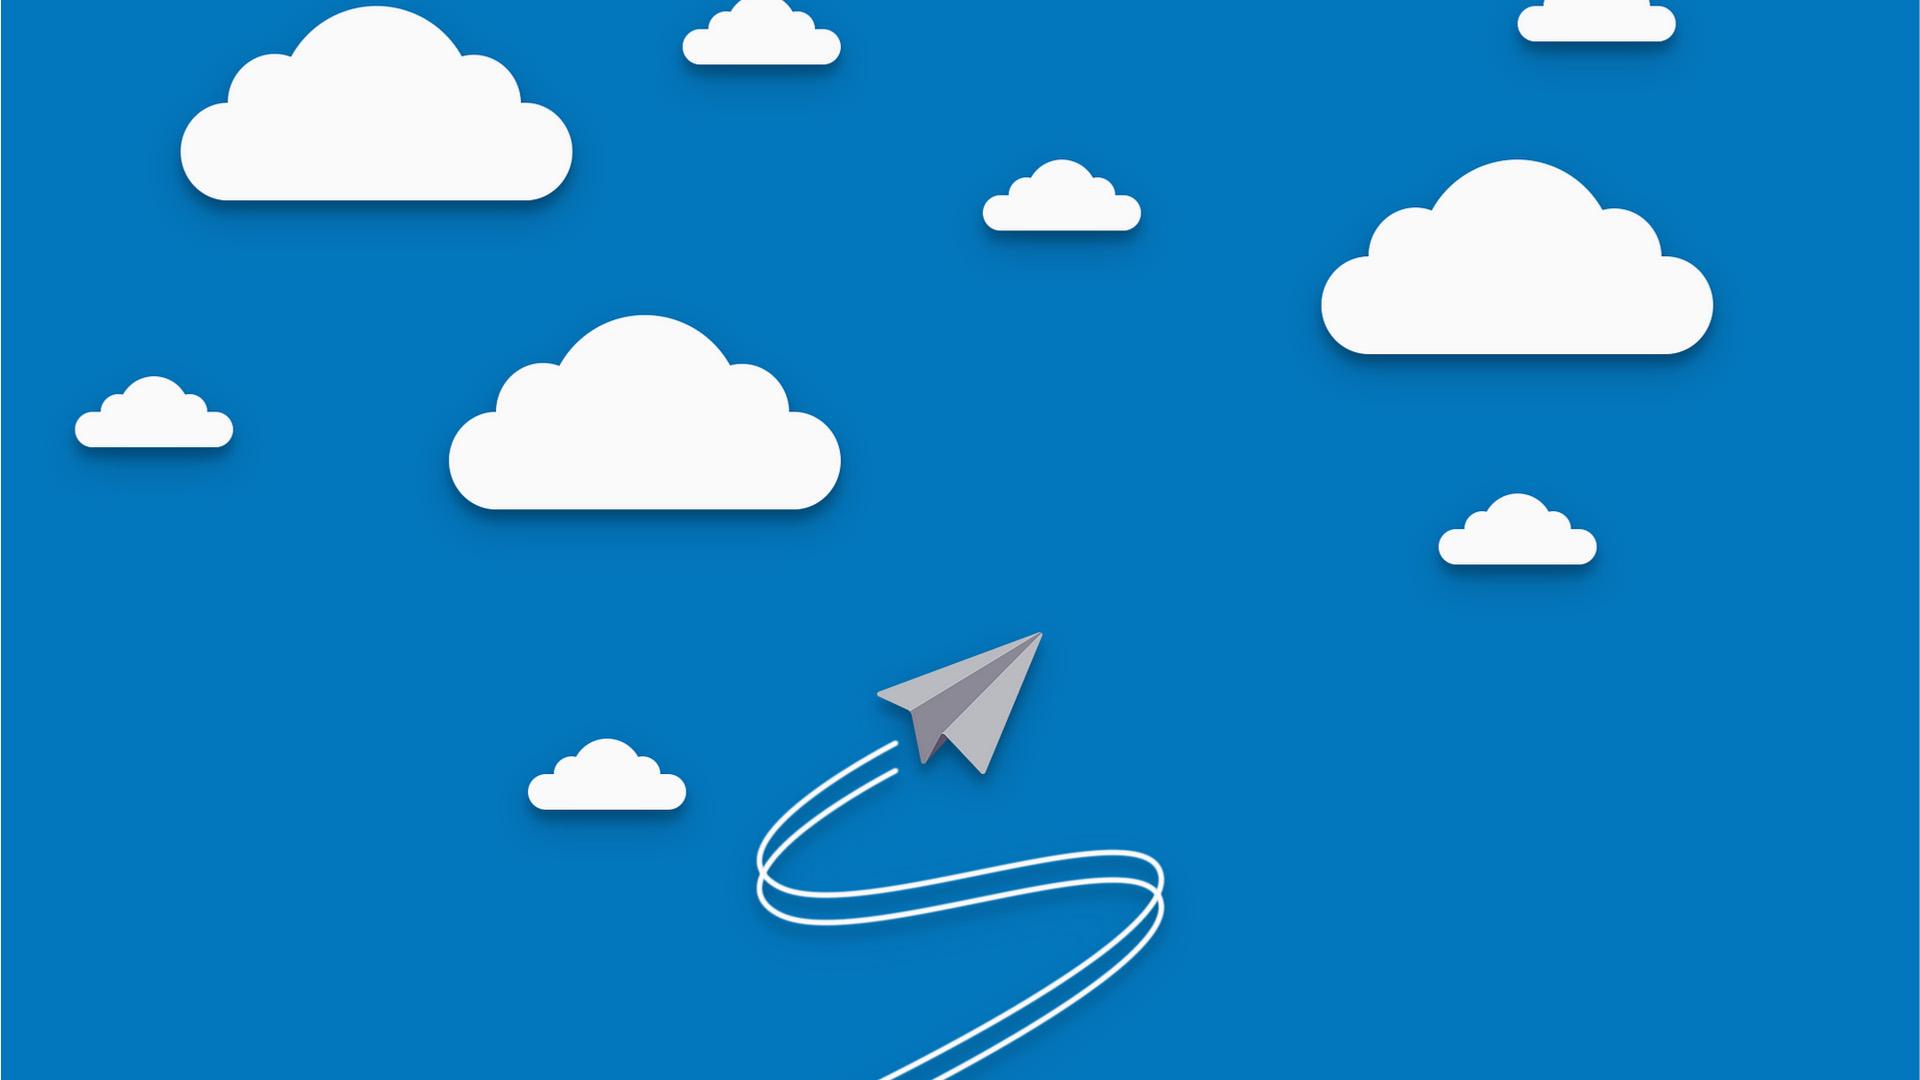 Cathay reagisce più velocemente alle richieste del settore con lhybrid cloud e Openshift